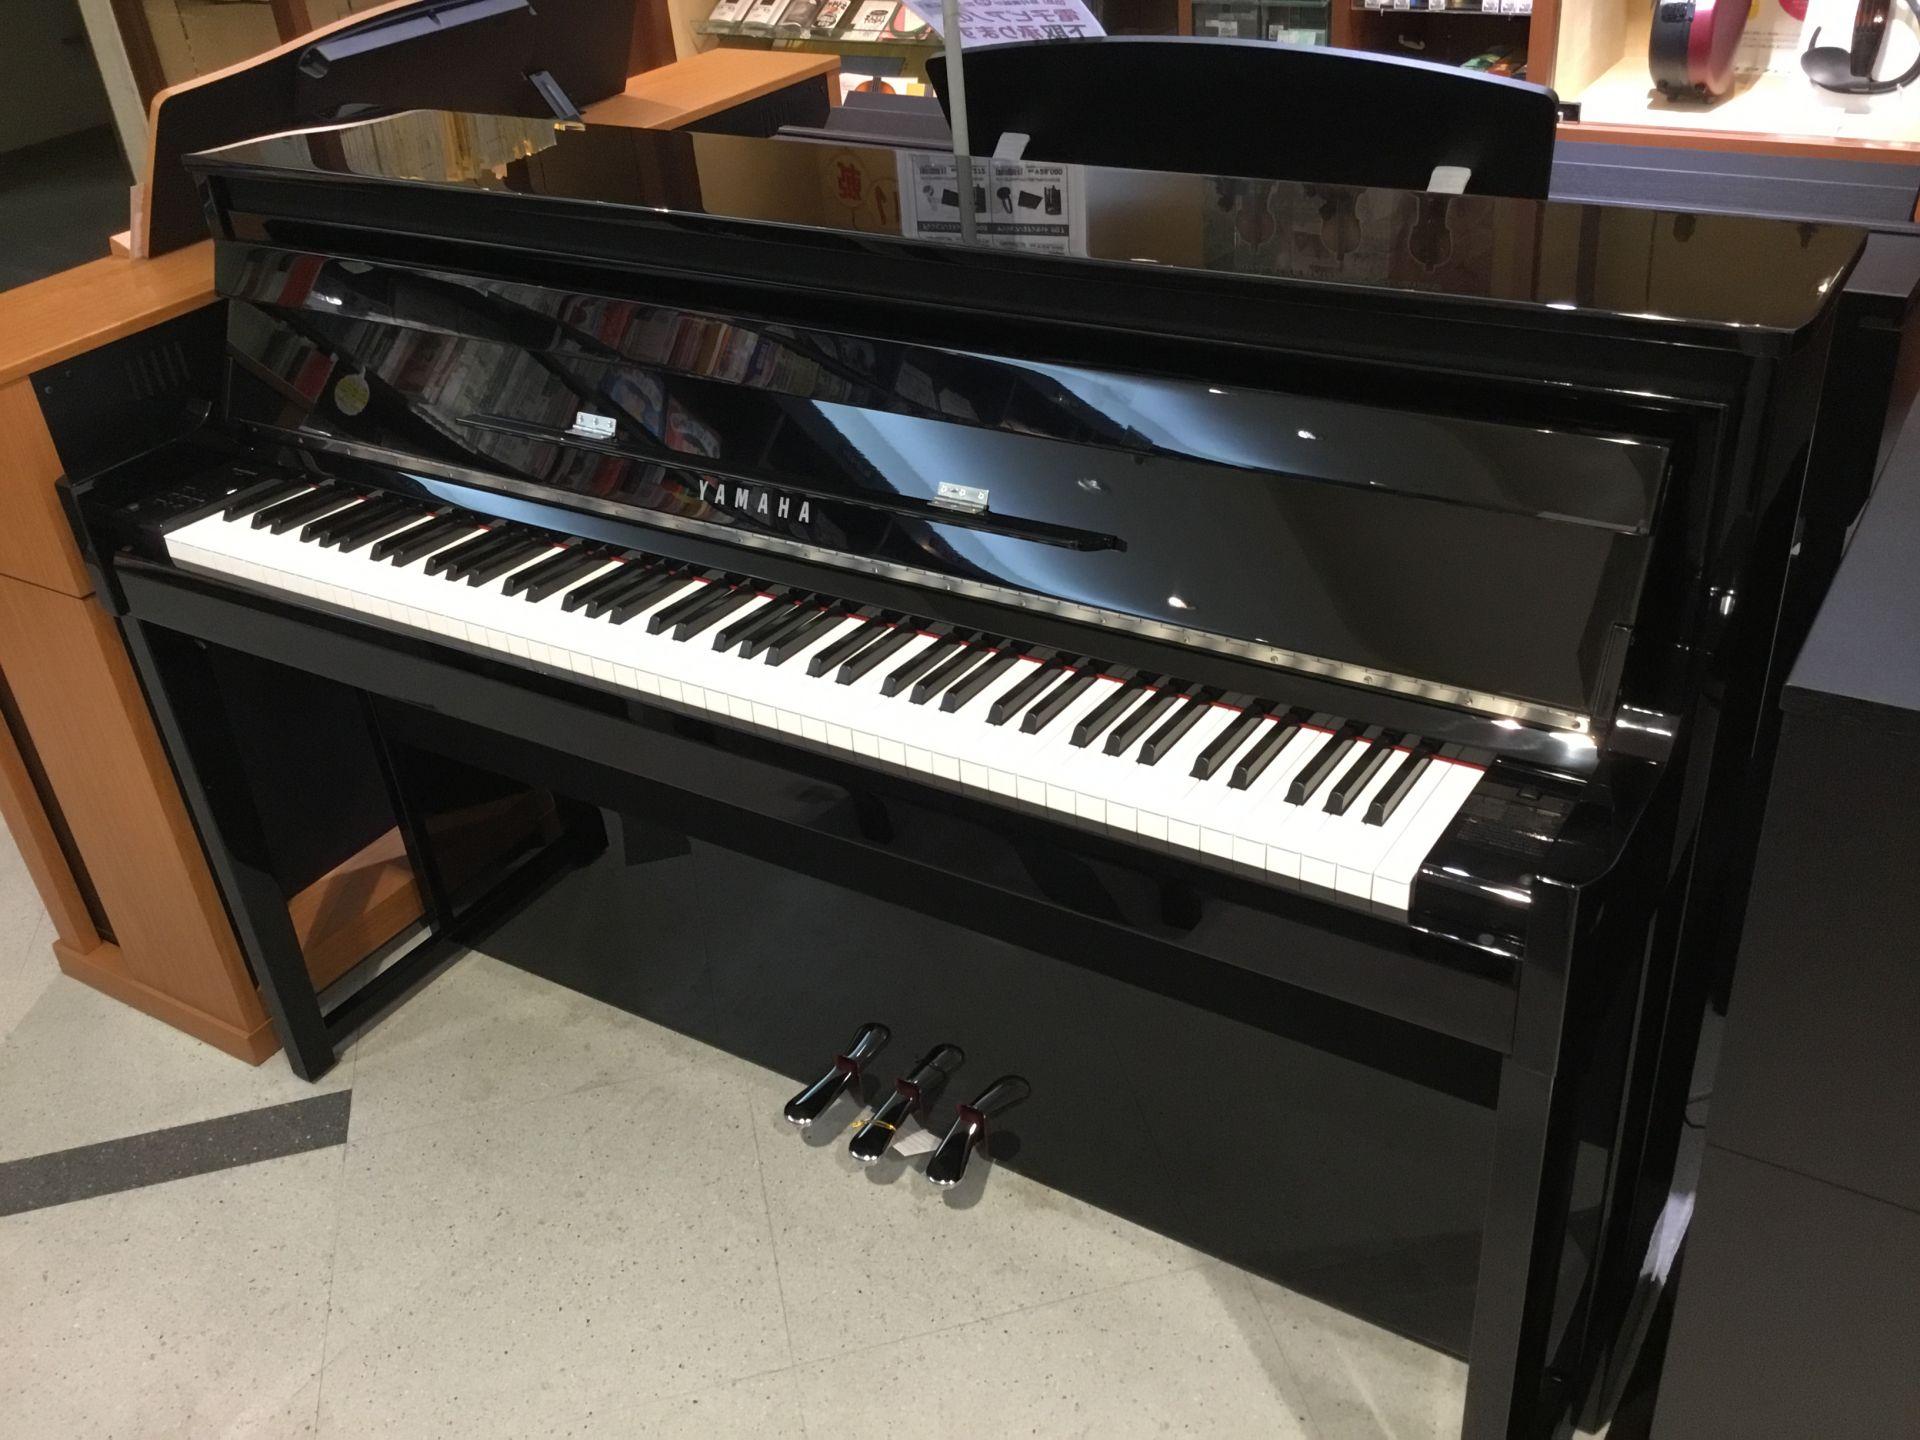 島村楽器 水戸 ピアノ 電子ピアノ キーボード